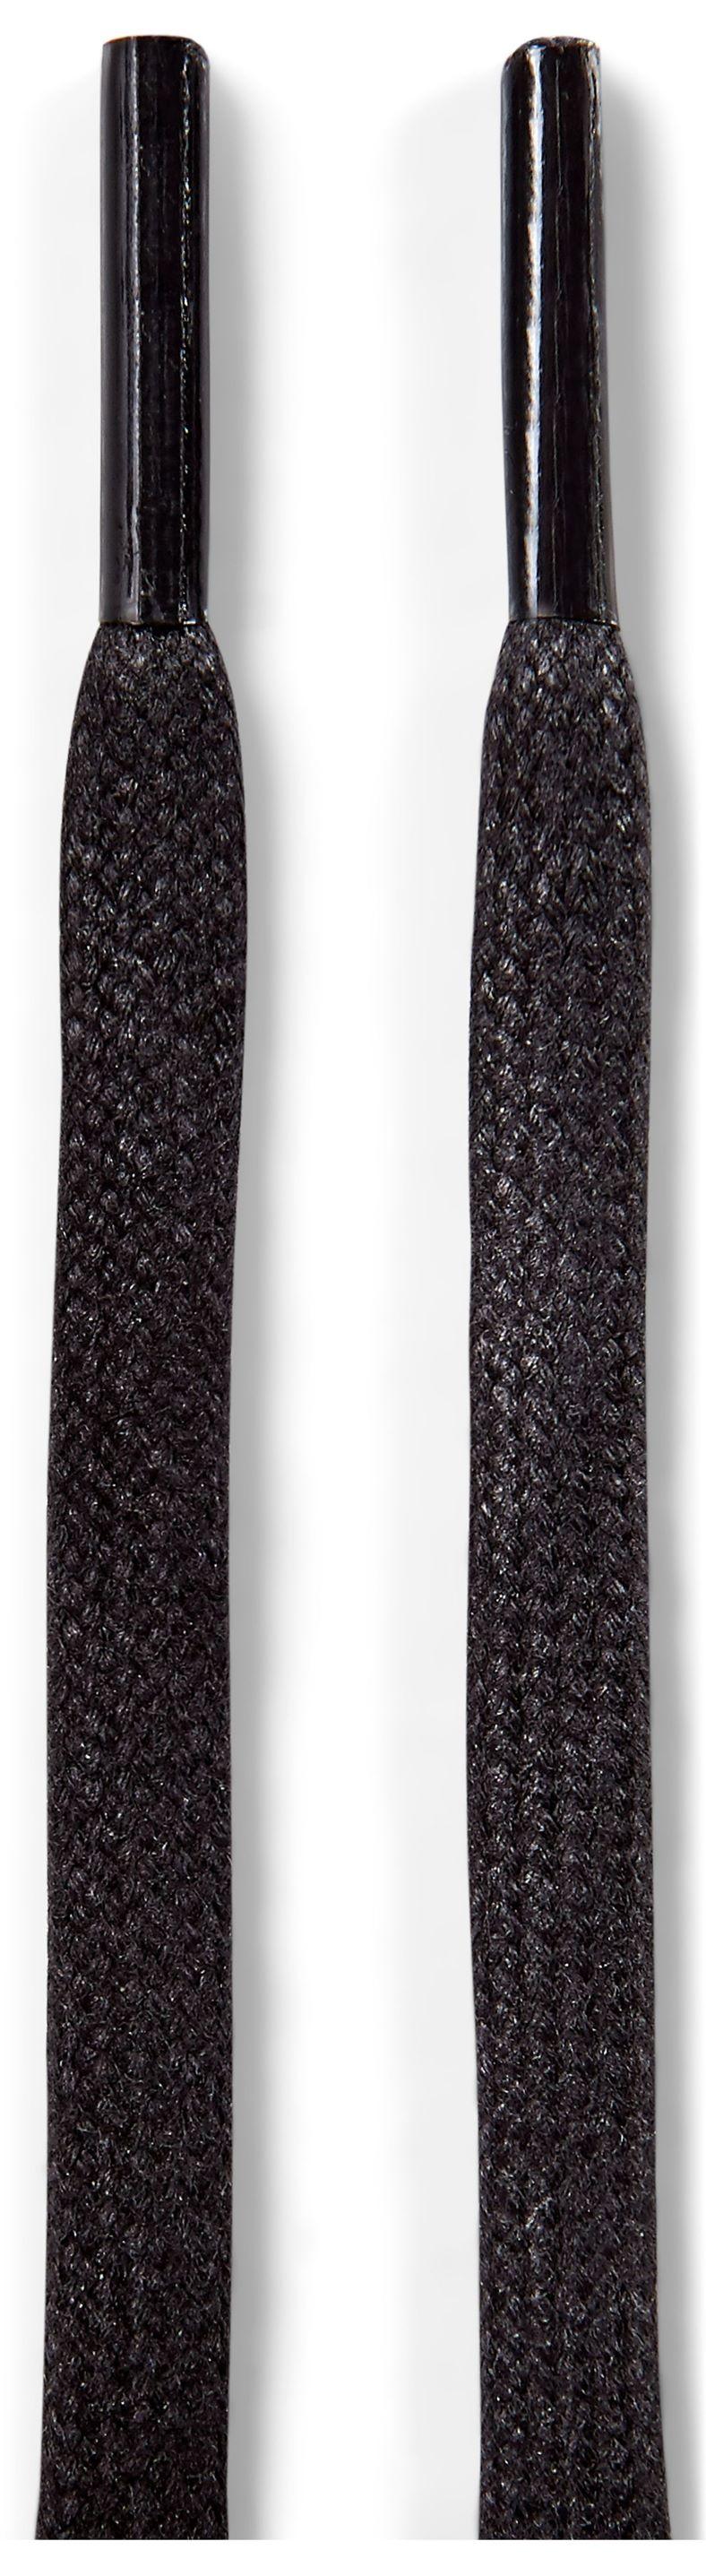 Soft 7 Lace (Black)